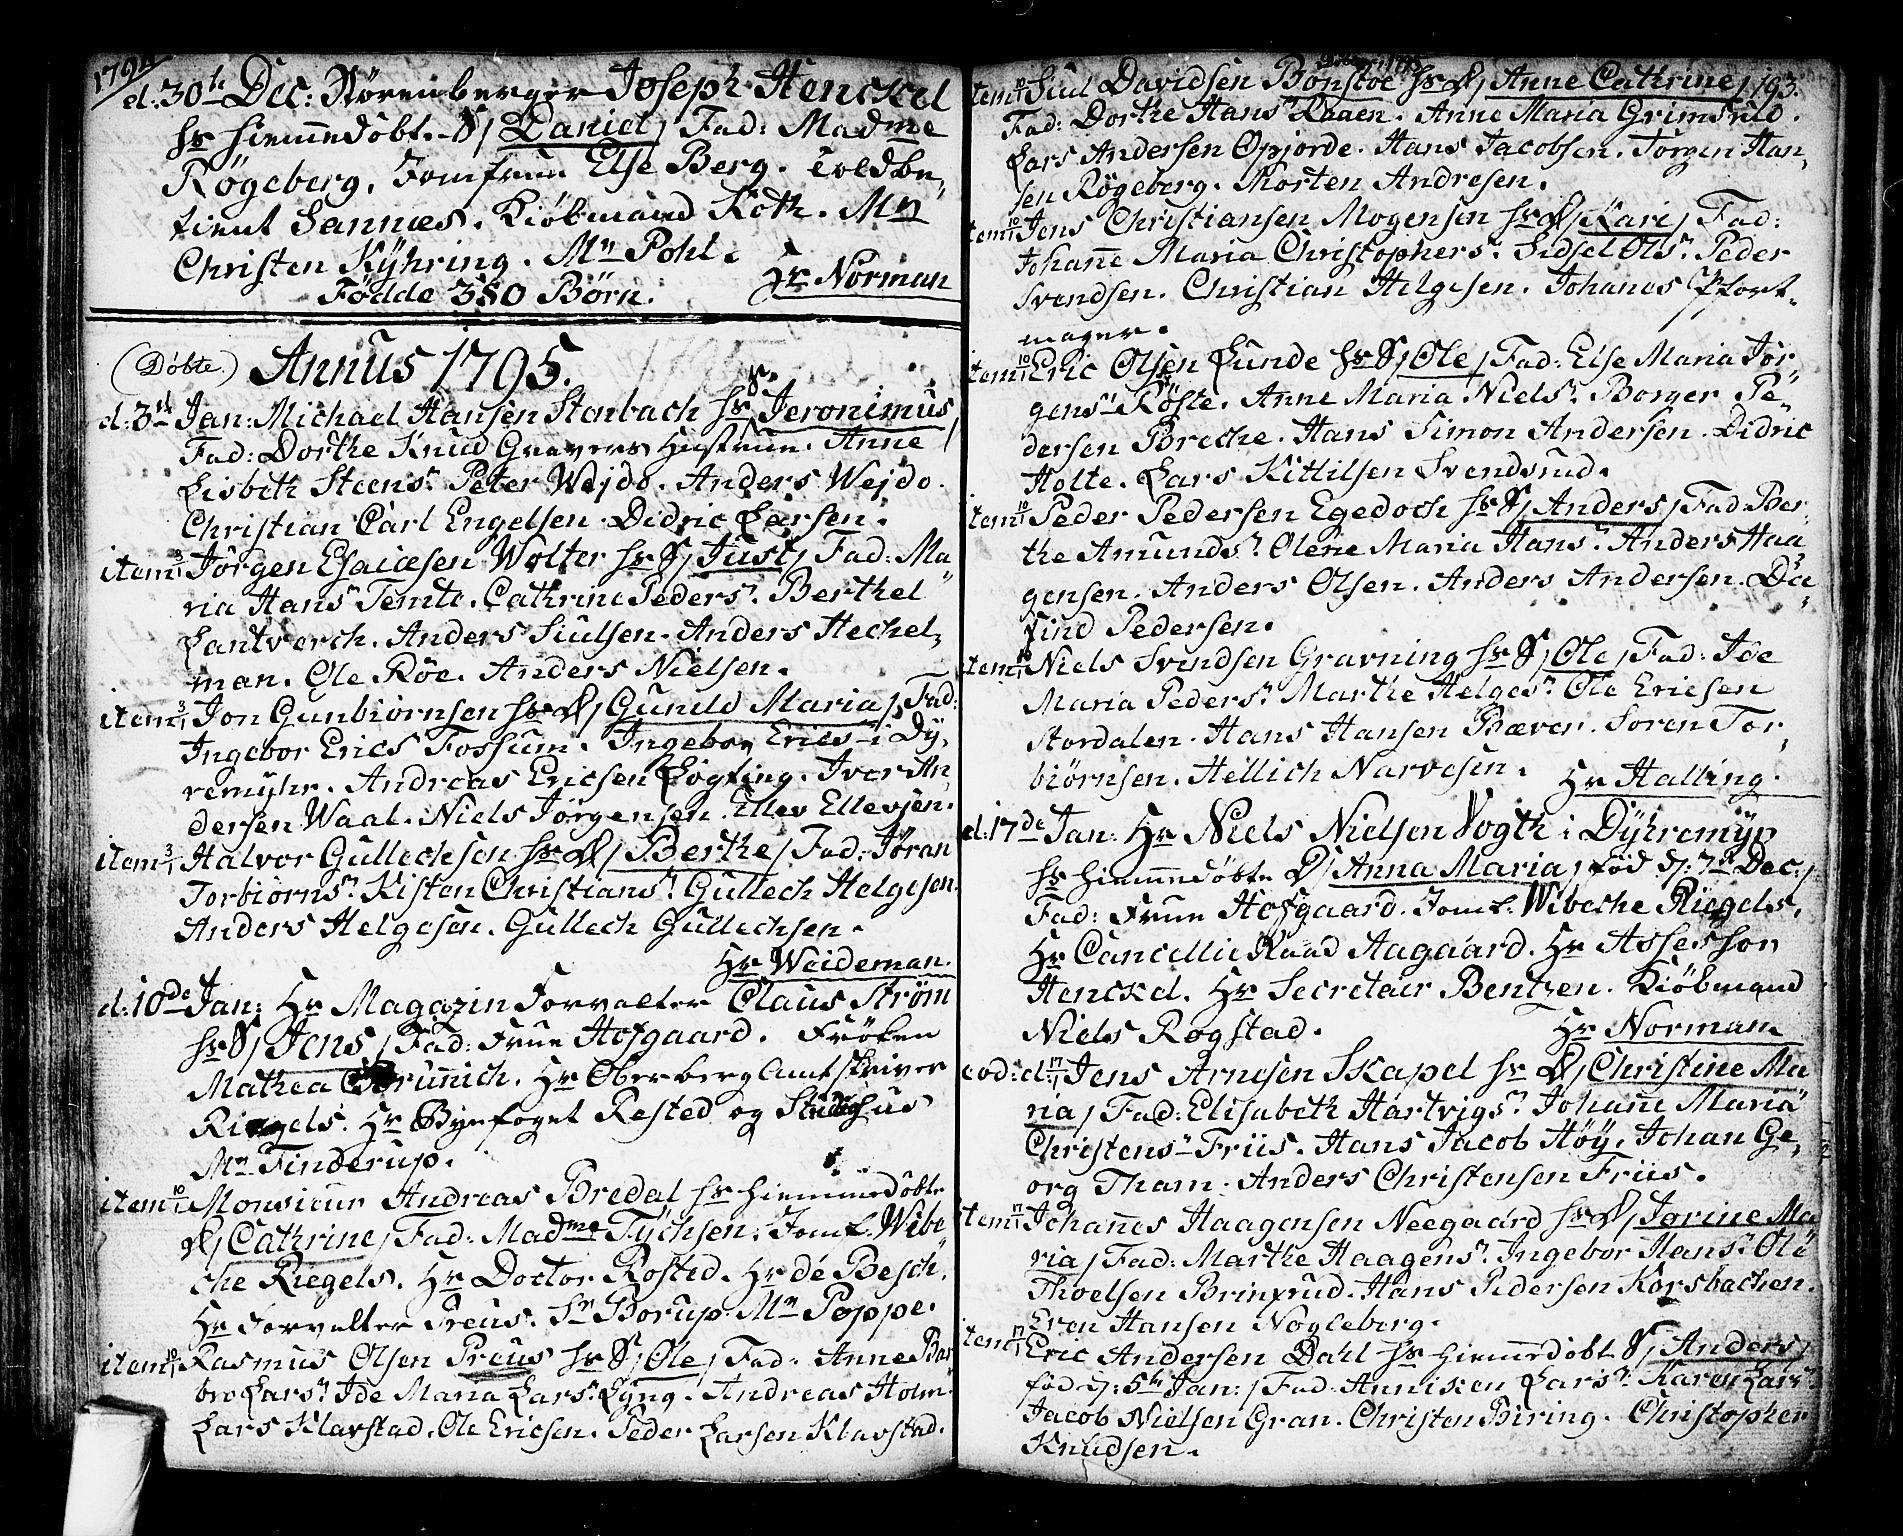 SAKO, Kongsberg kirkebøker, F/Fa/L0006: Ministerialbok nr. I 6, 1783-1797, s. 193